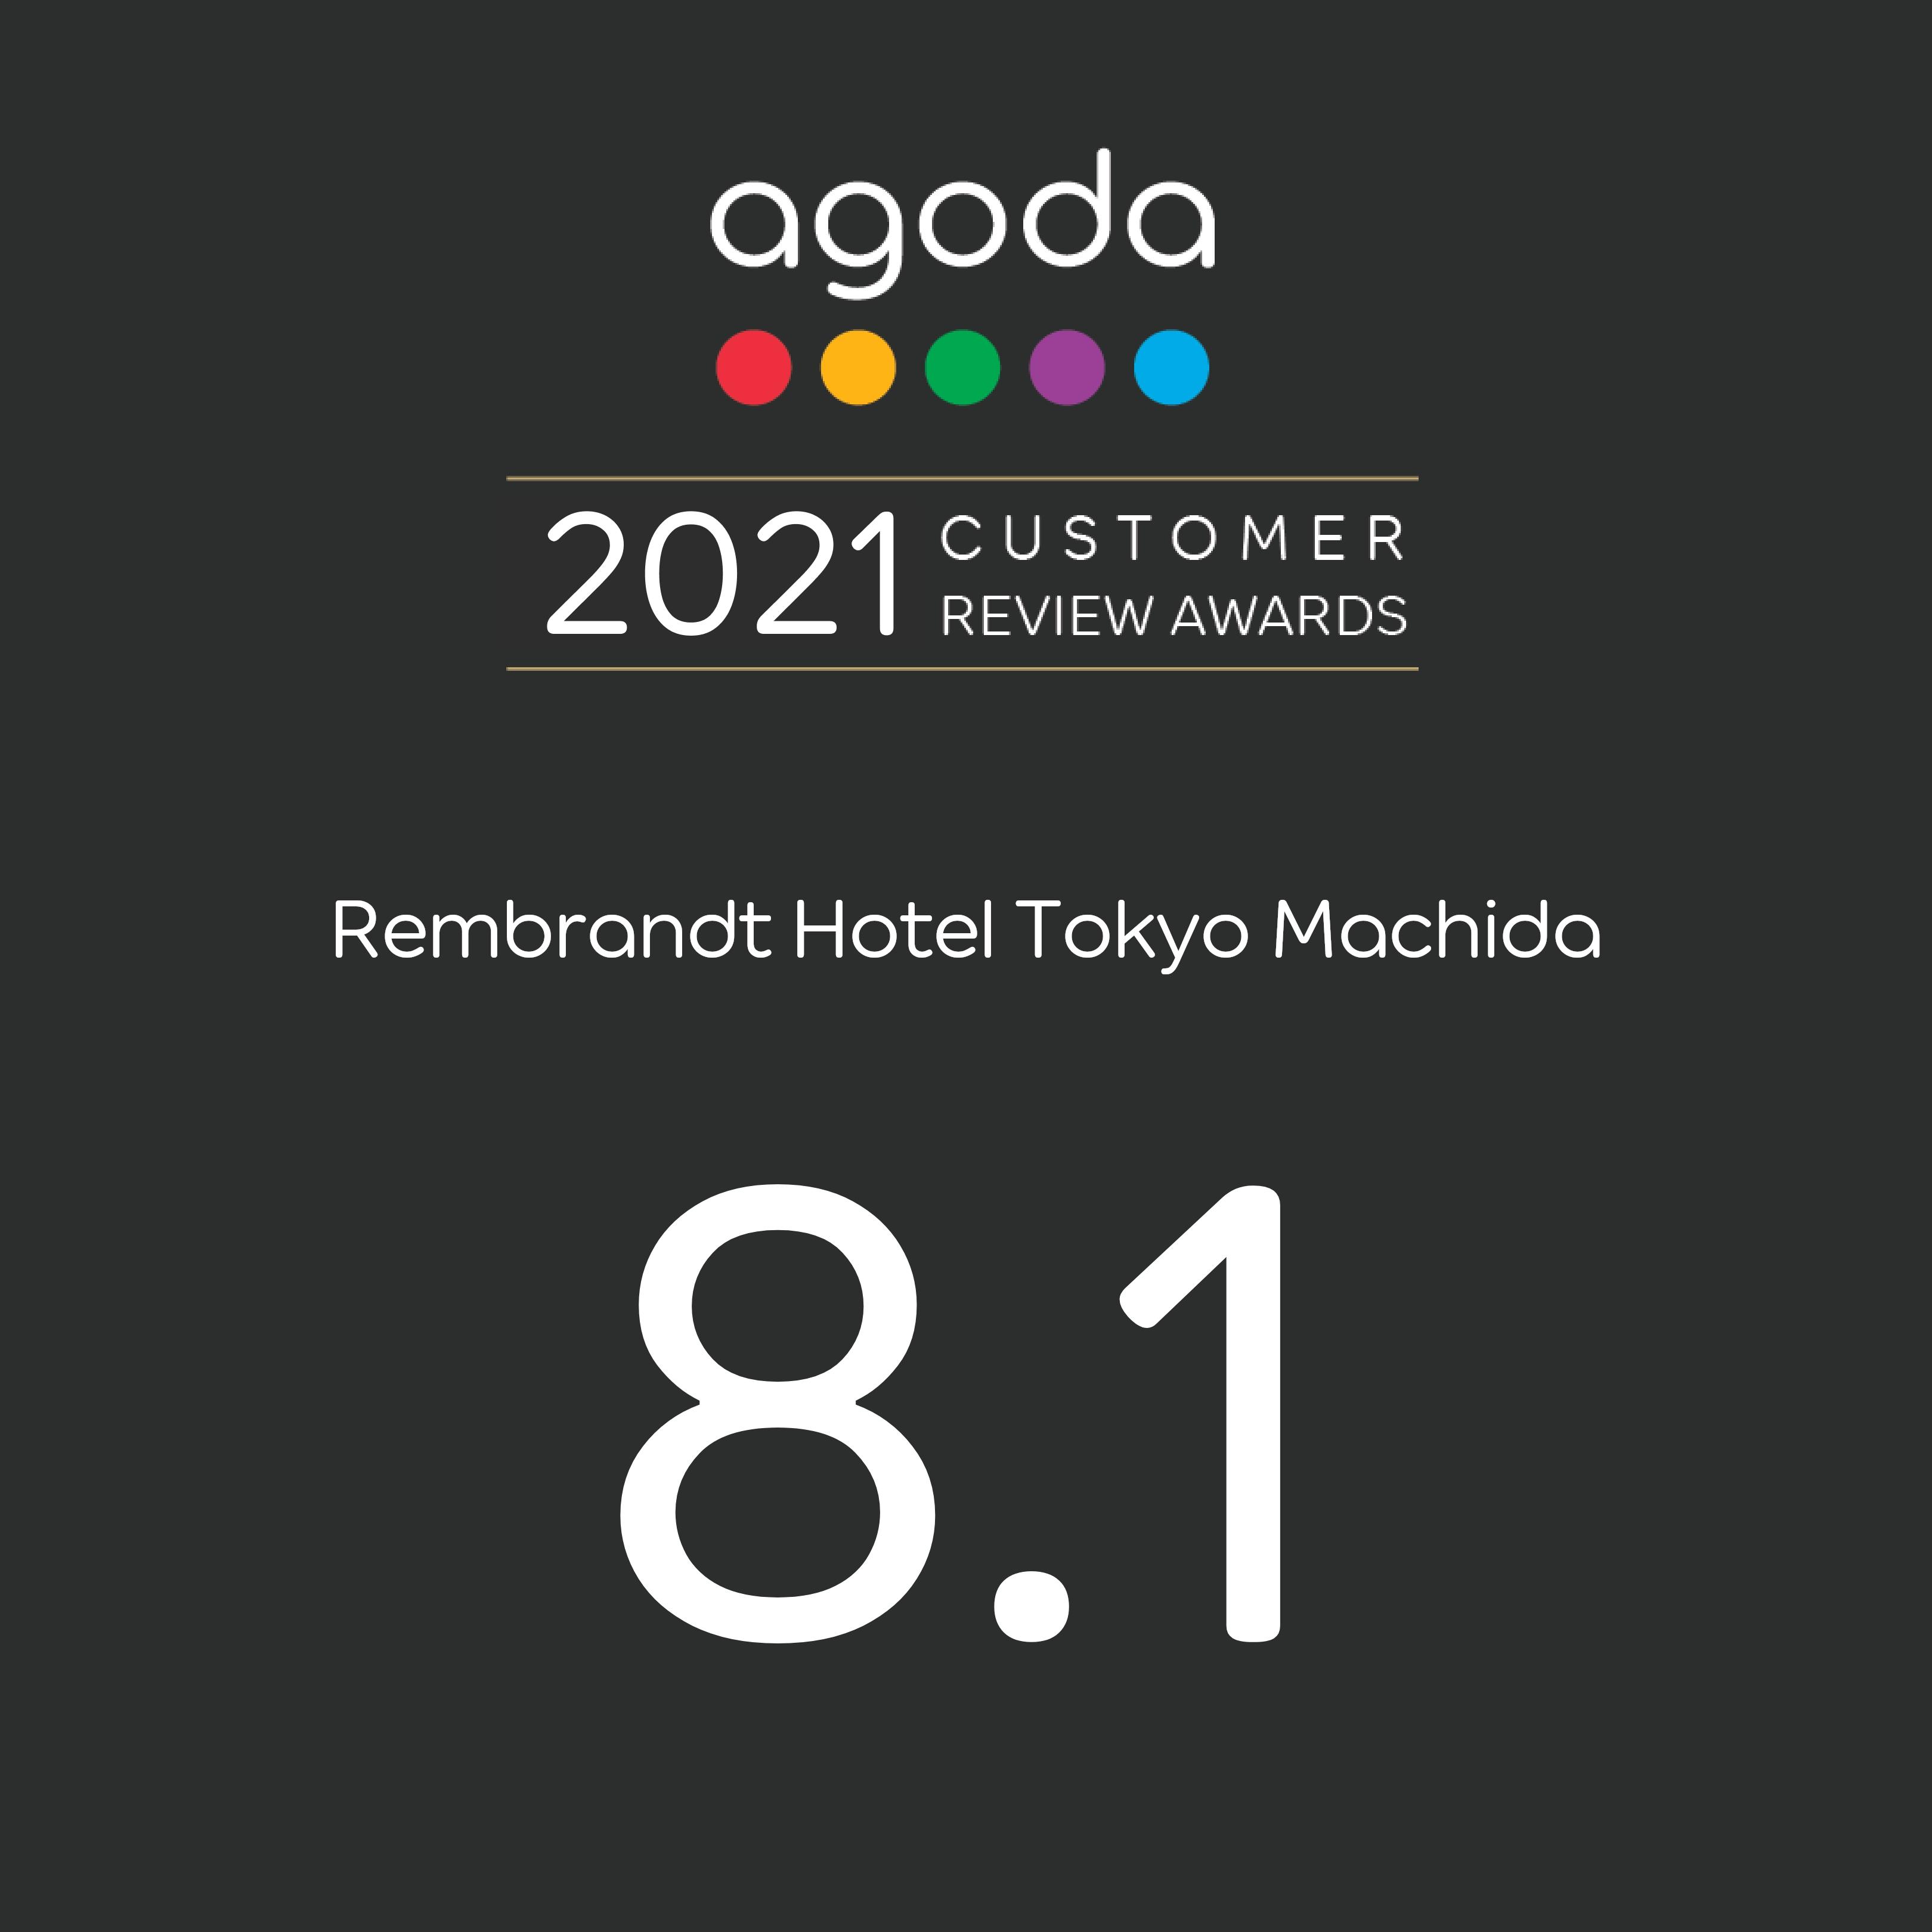 宿泊予約サイトagodaから</br>agoda´s2021Costomer Review Awardを受賞しました。|新着情報|レンブラントホテル東京町田【公式】